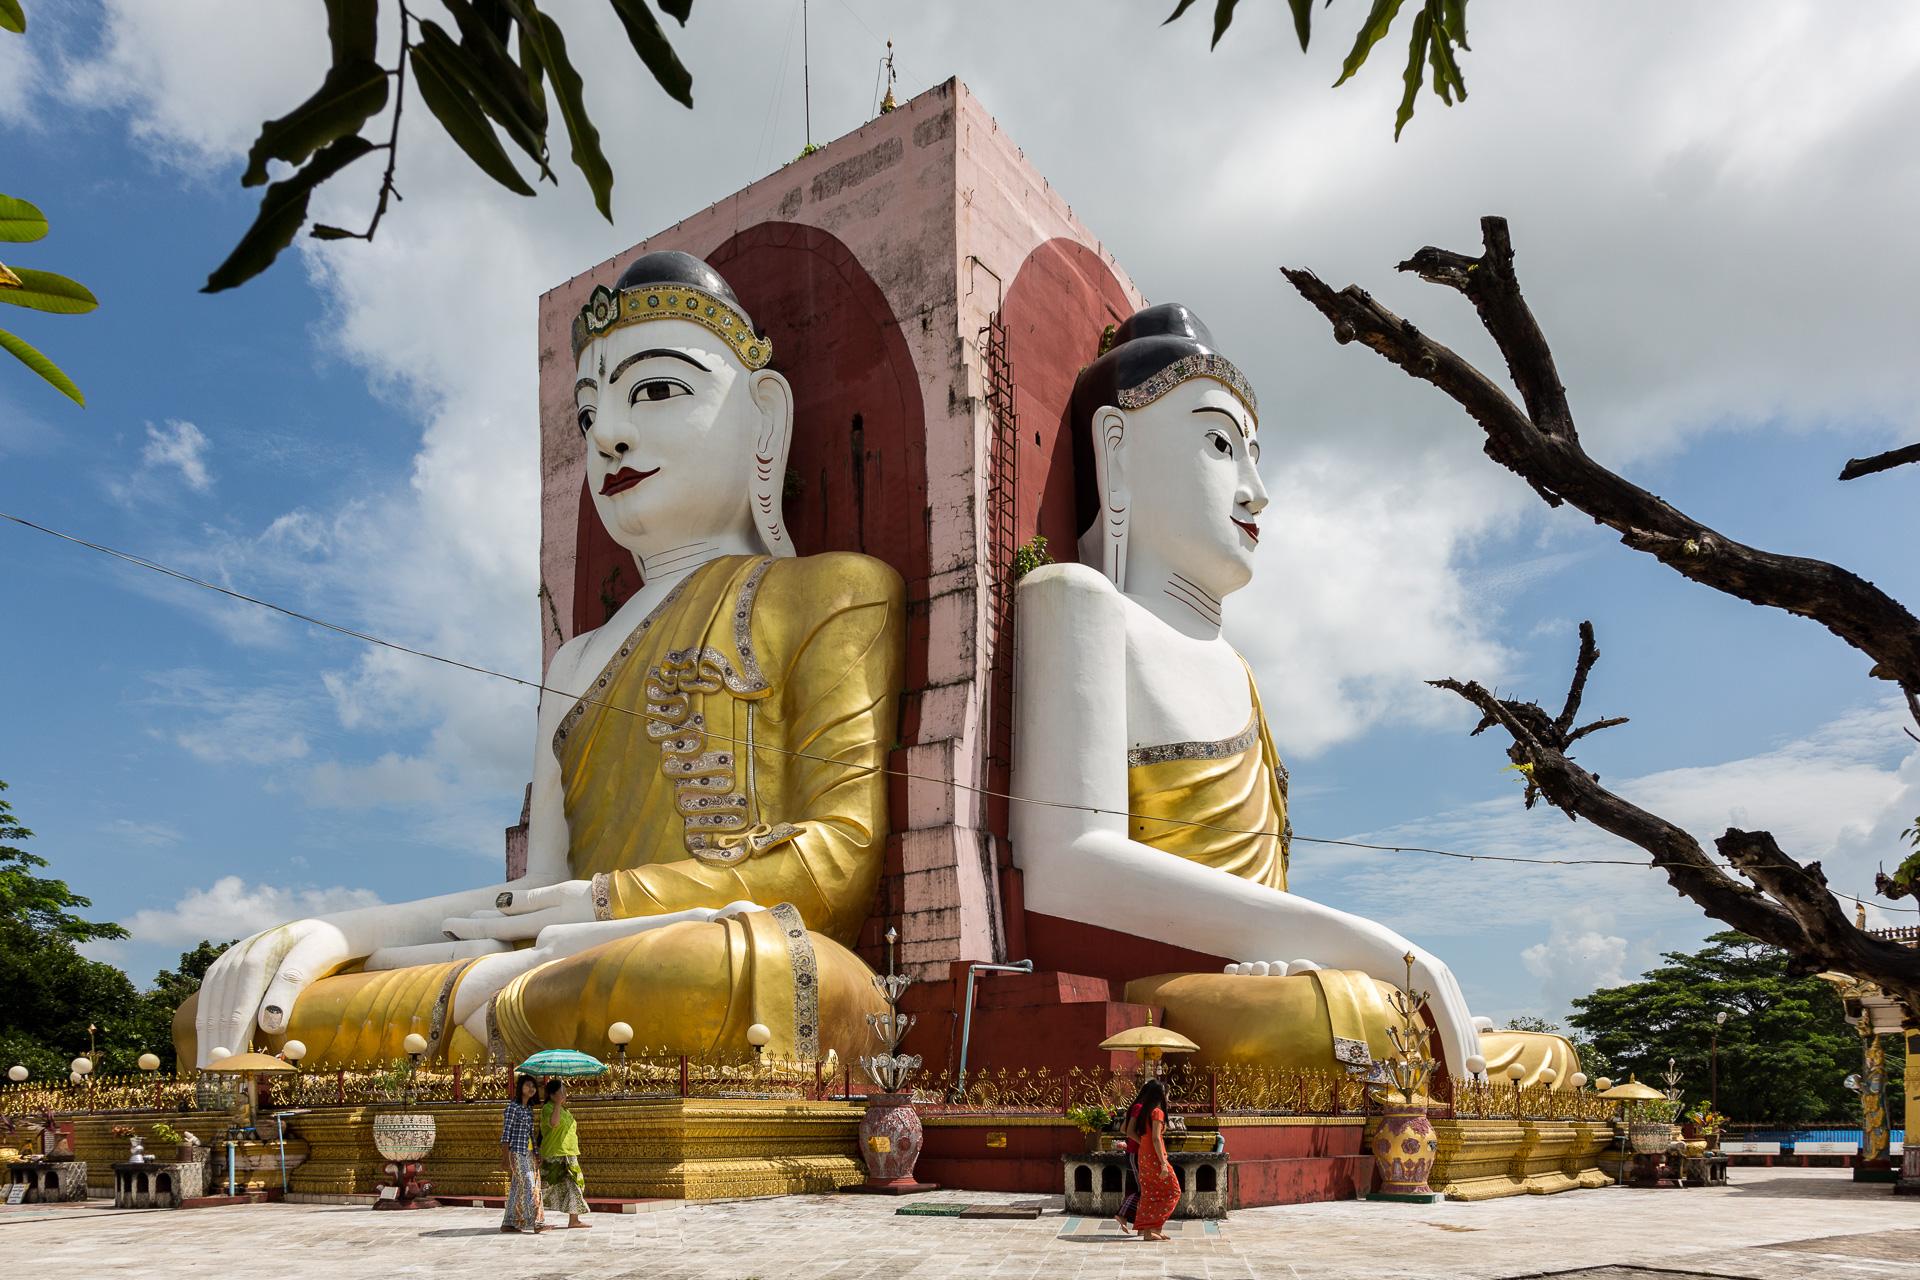 myanmar-reportage-wisckow-005.jpg